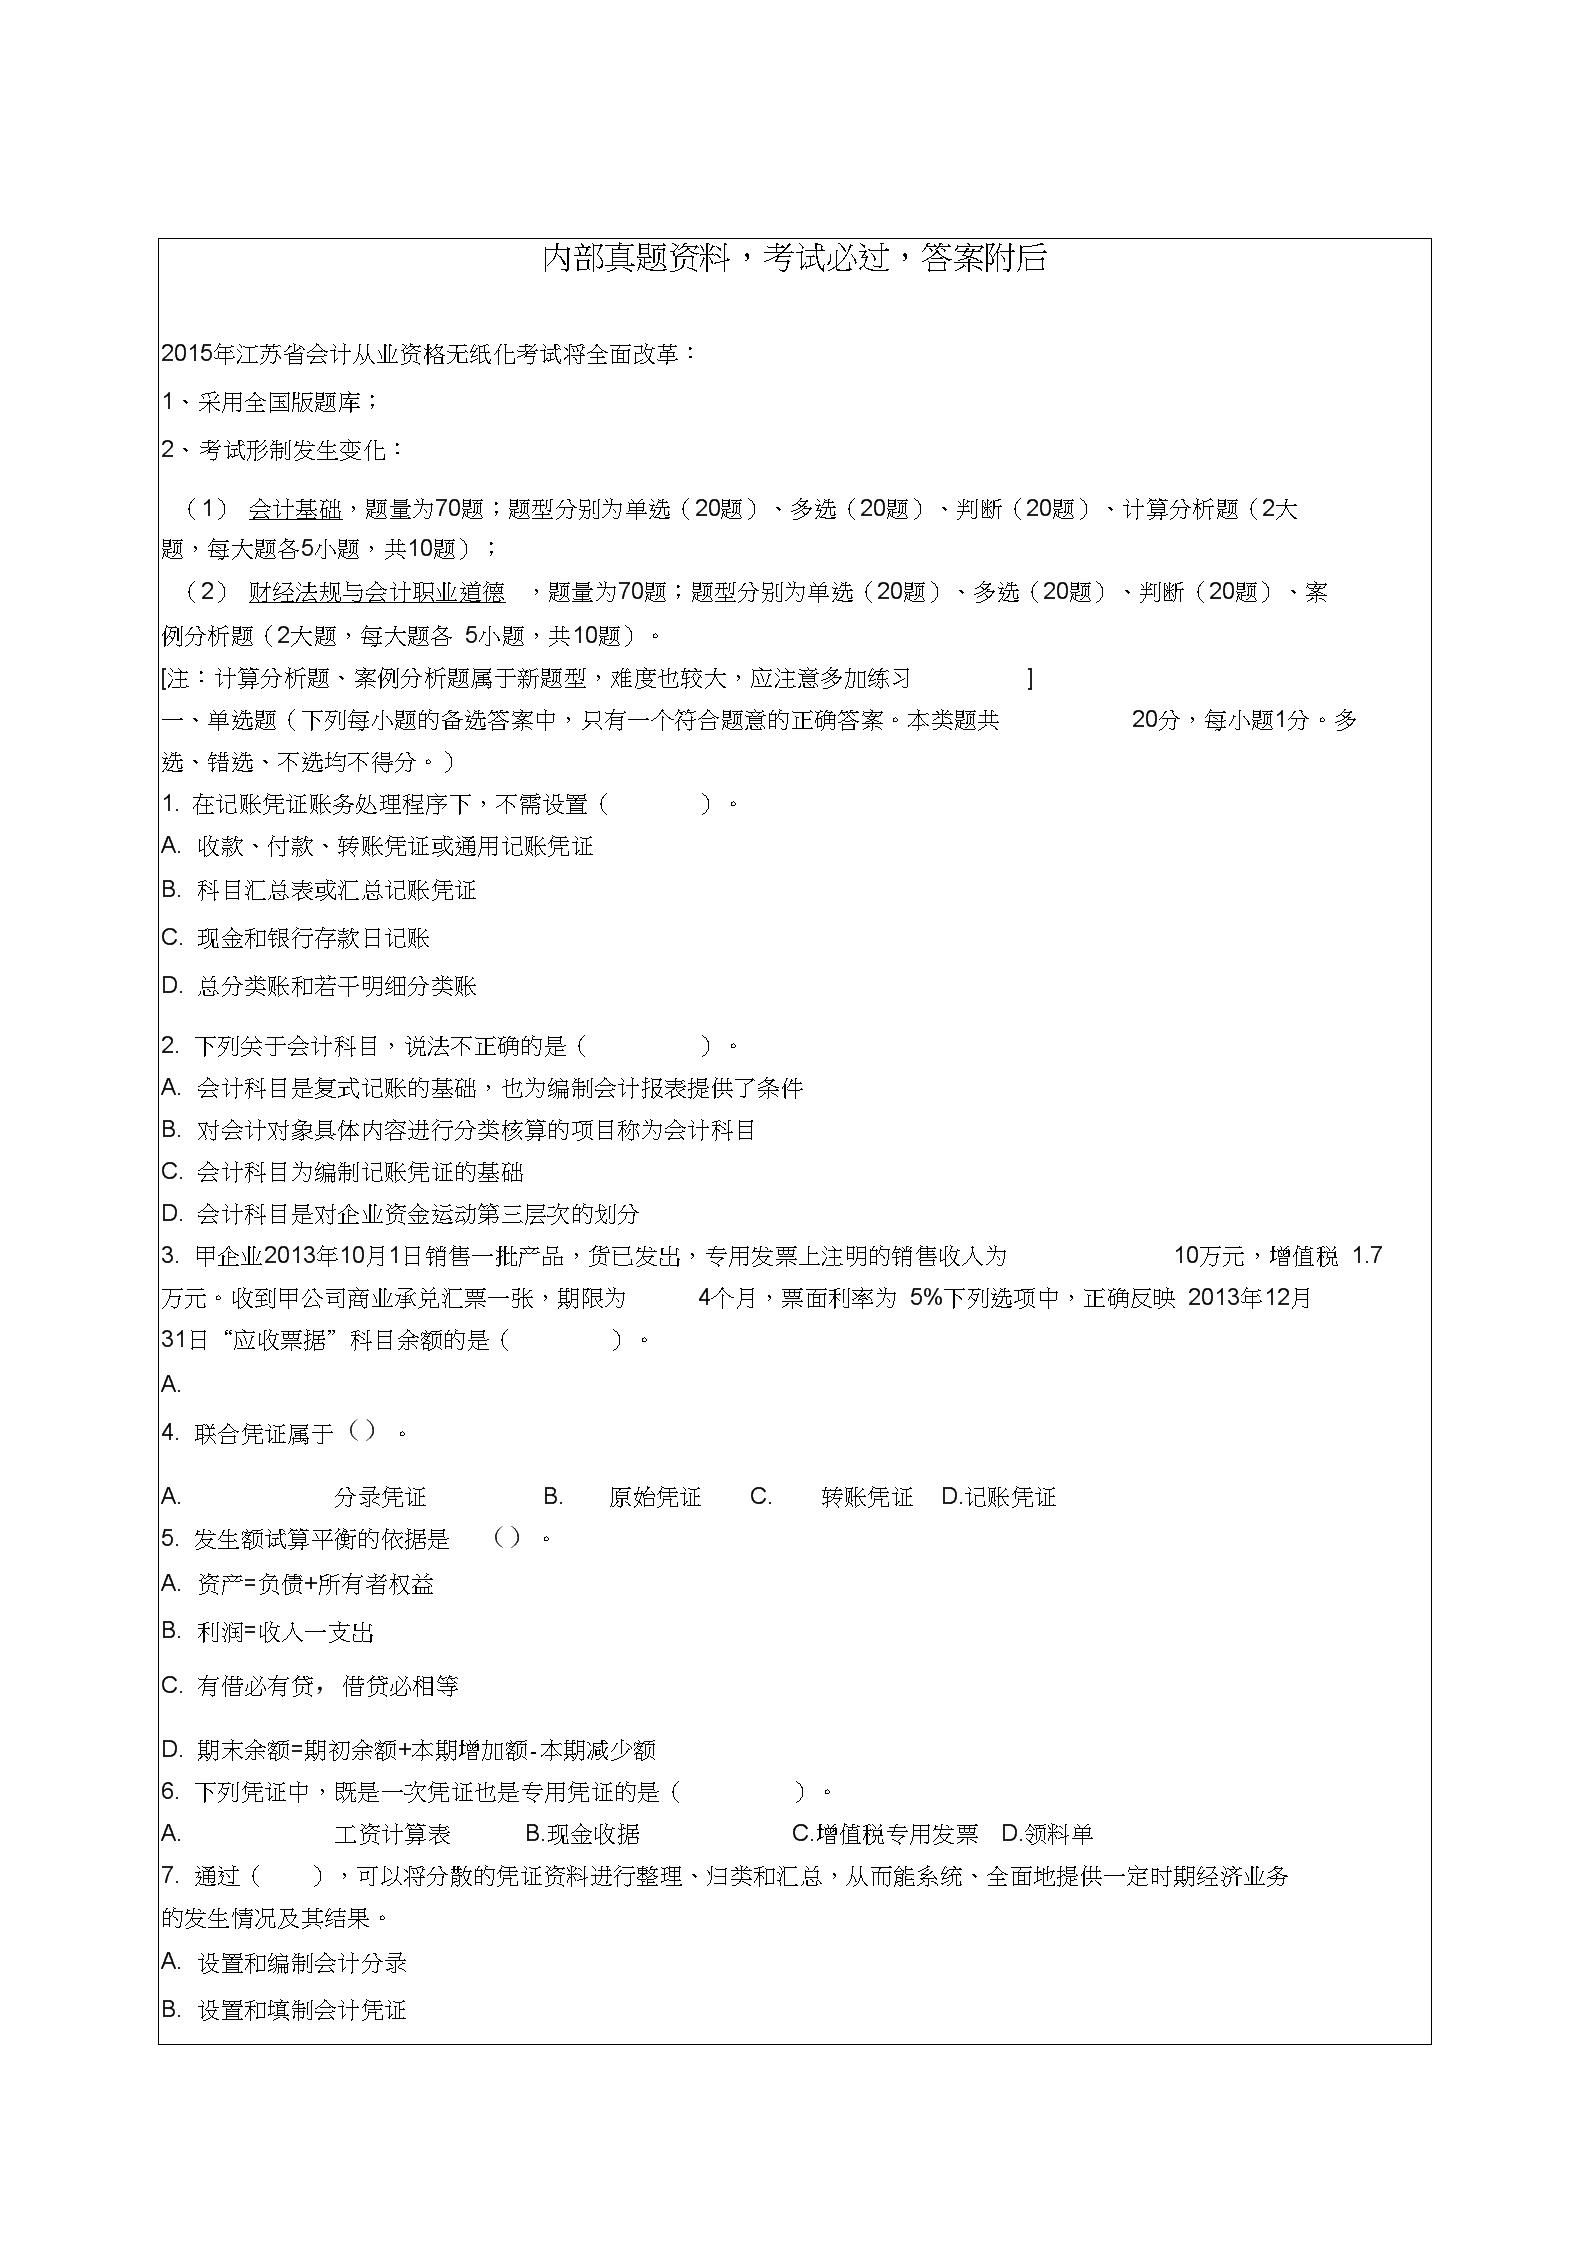 江苏会计从业资格考试会计基础试题及答案二.docx